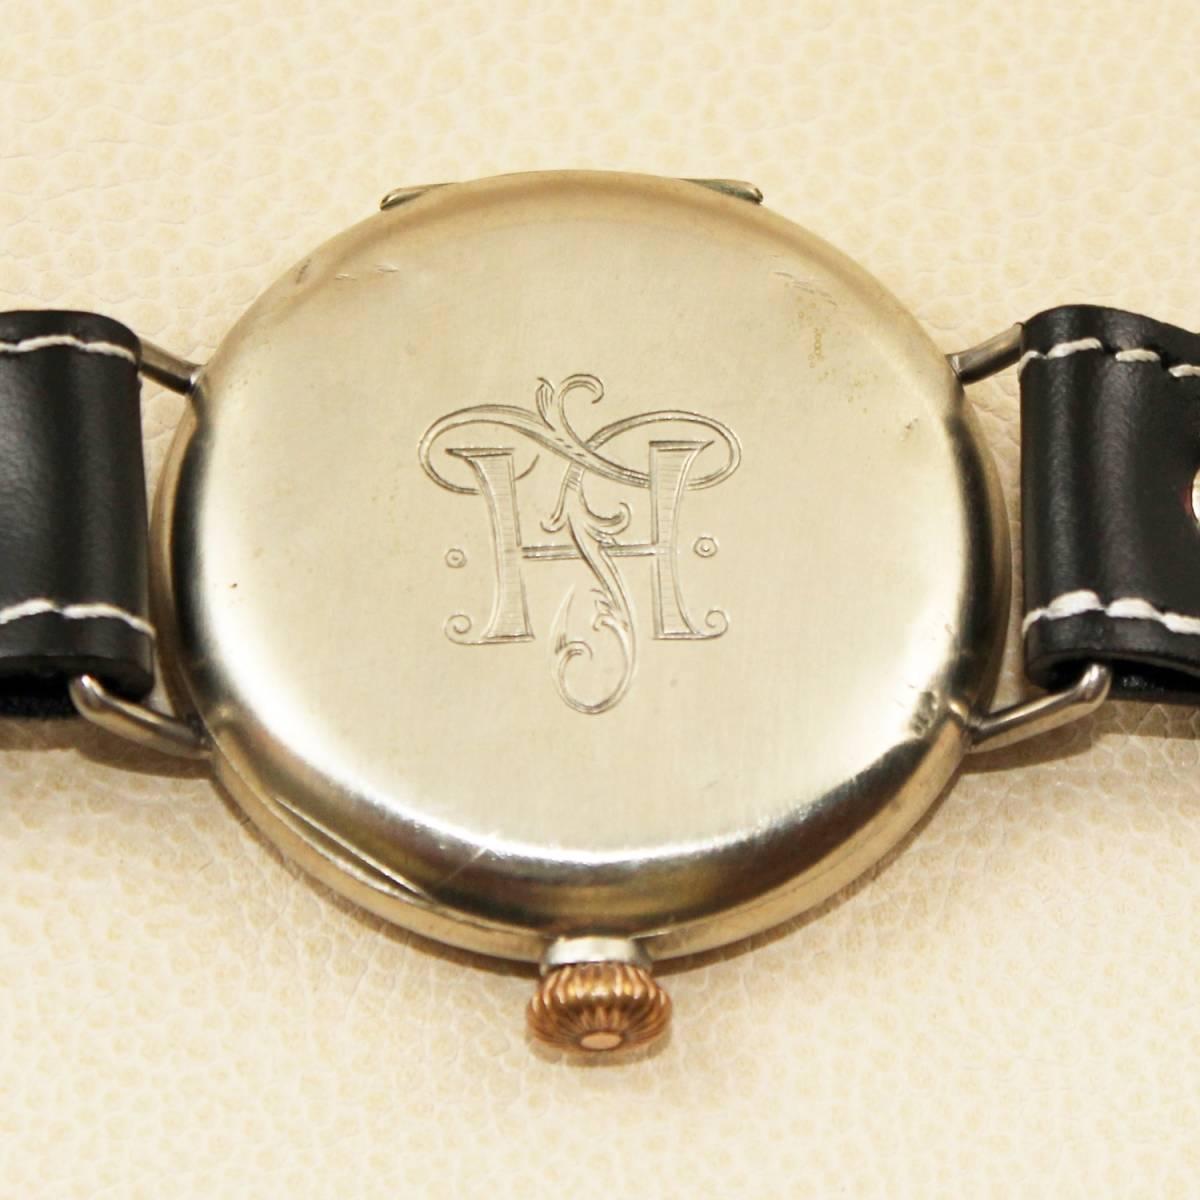 1円スタート【オメガ】OMEGAミリタリー WAFFEN ELITE M-B アンティーク手巻きメンズ腕時計 1930年代ヴィンテージ 懐中時計コンバート_画像7